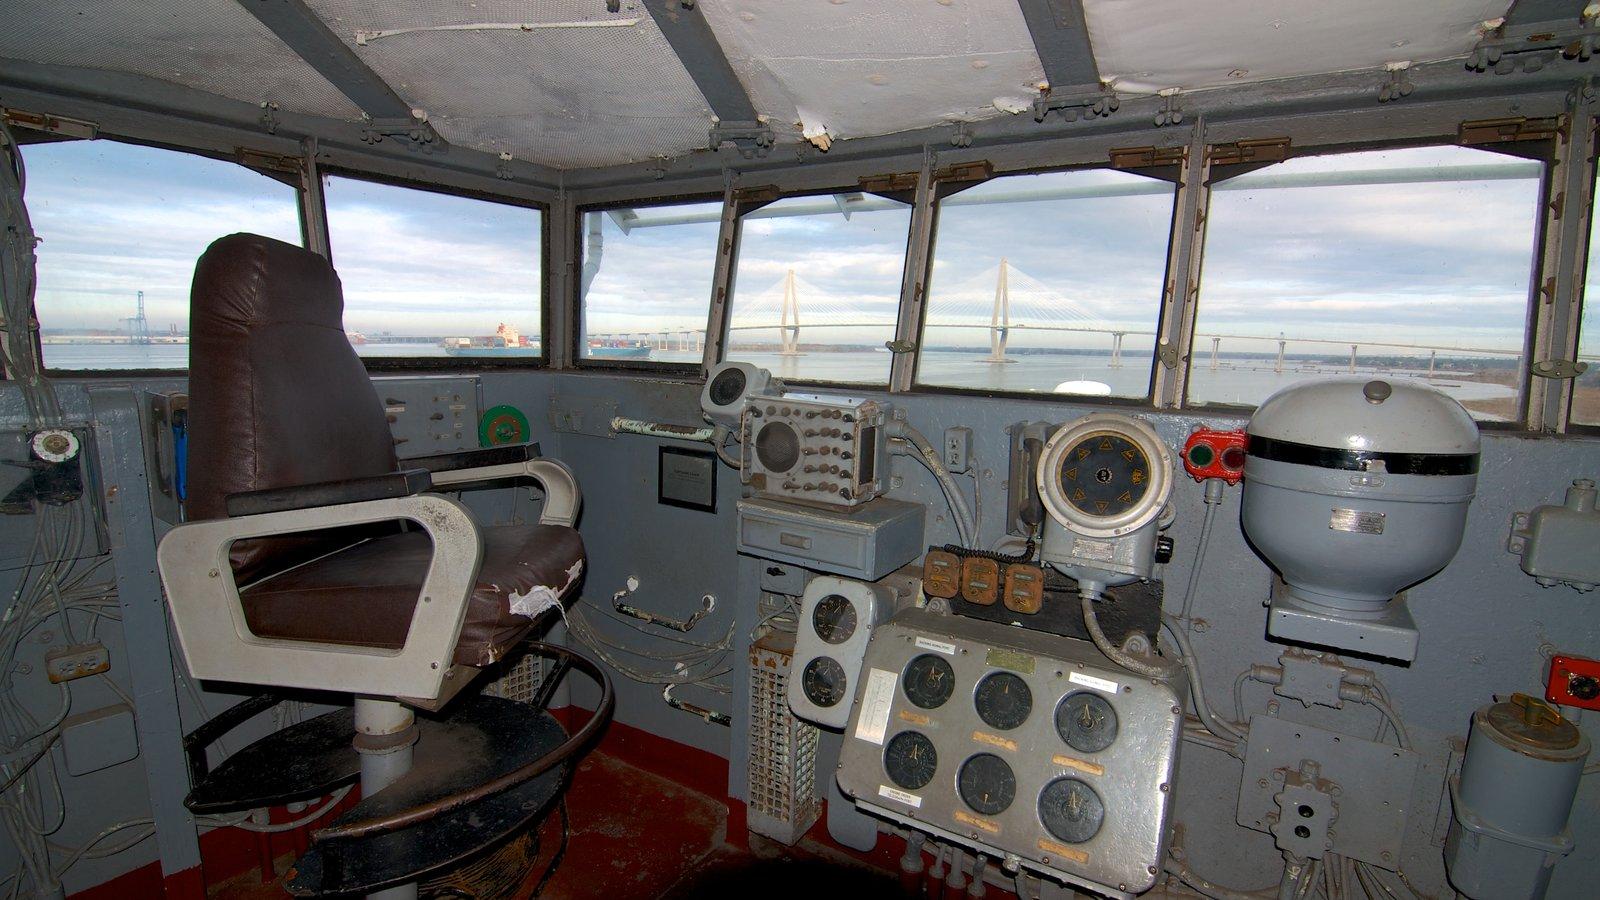 USS Yorktown mostrando itens militares e vistas internas